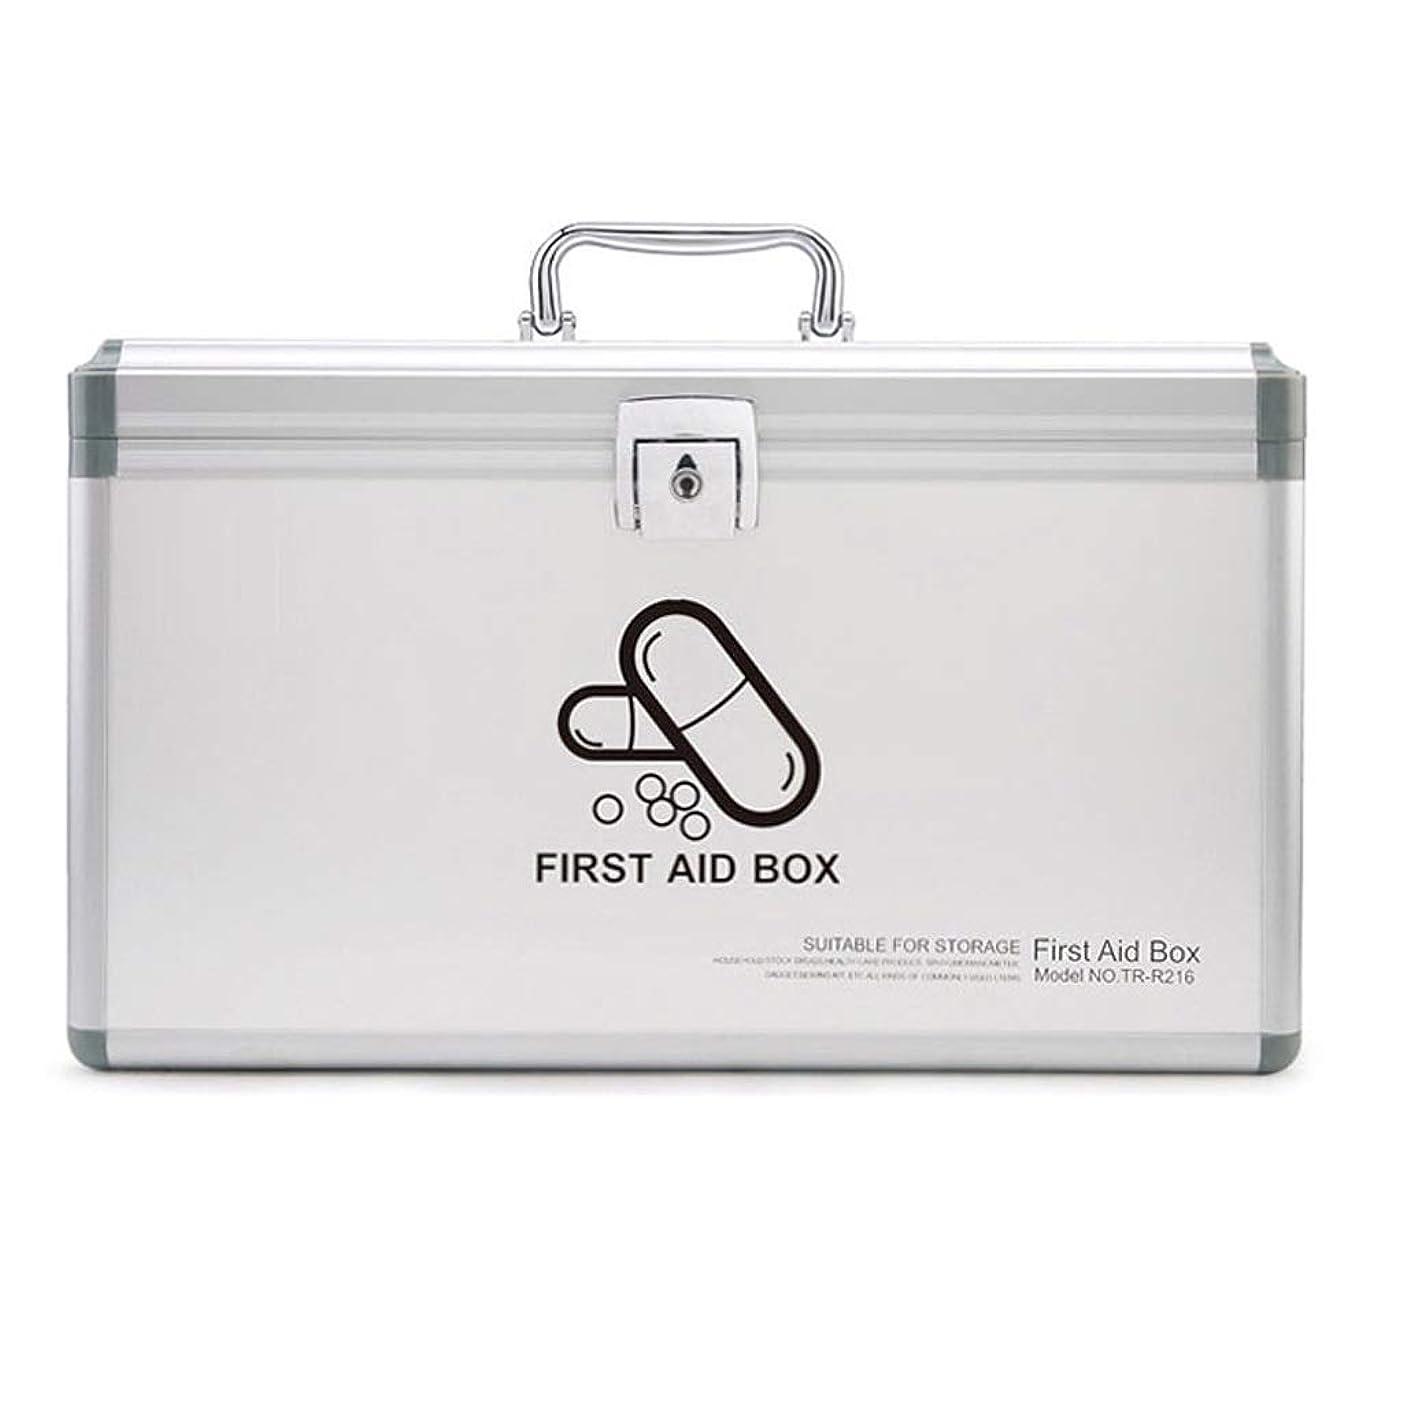 モトリー提案するミットDjyyh ロックできる2つの層の医療用箱、応急処置箱の緊急の薬の箱薬の収納箱 (サイズ さいず : S s)